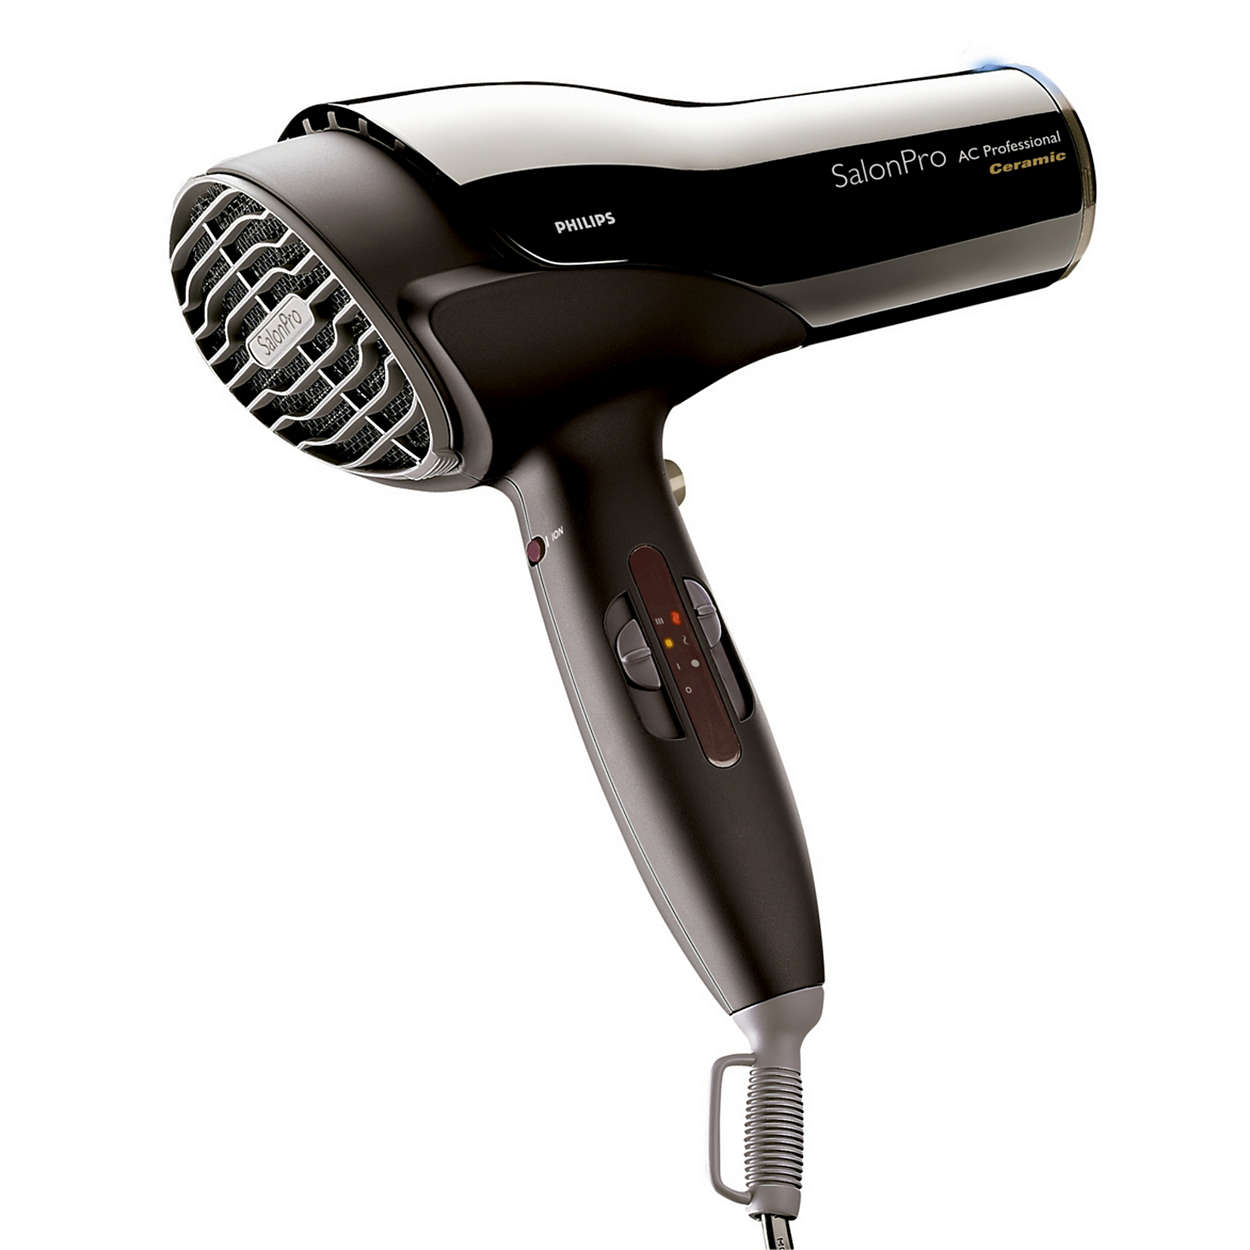 El secador que los peluqueros utilizarían en casa